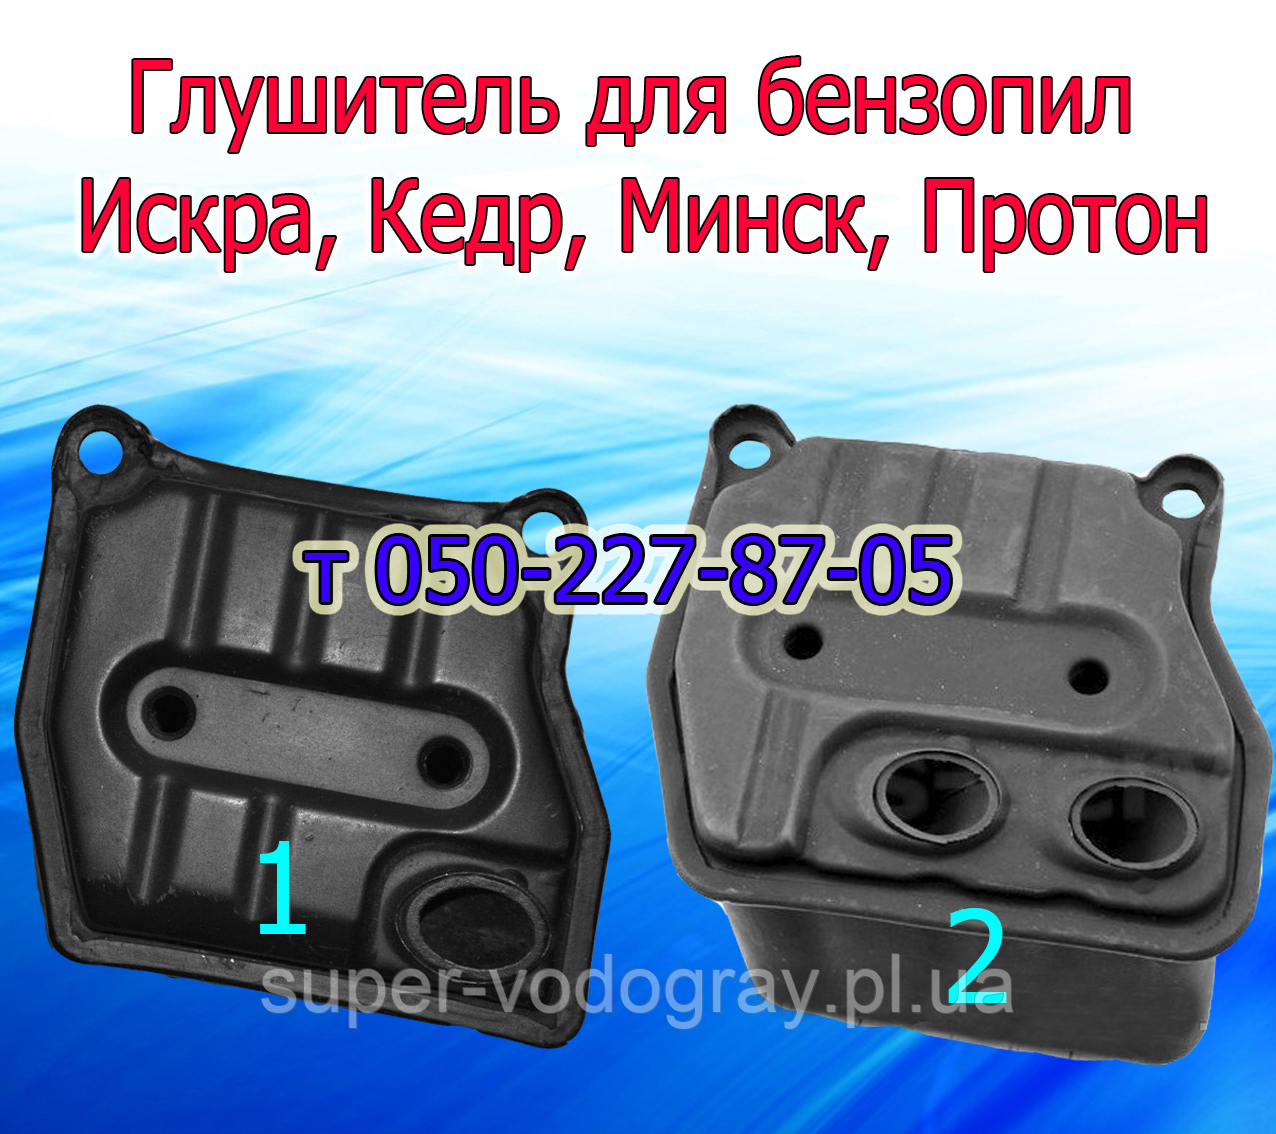 Глушитель (выхлопная) для бензопил Искра, Кедр, Минск, Протон